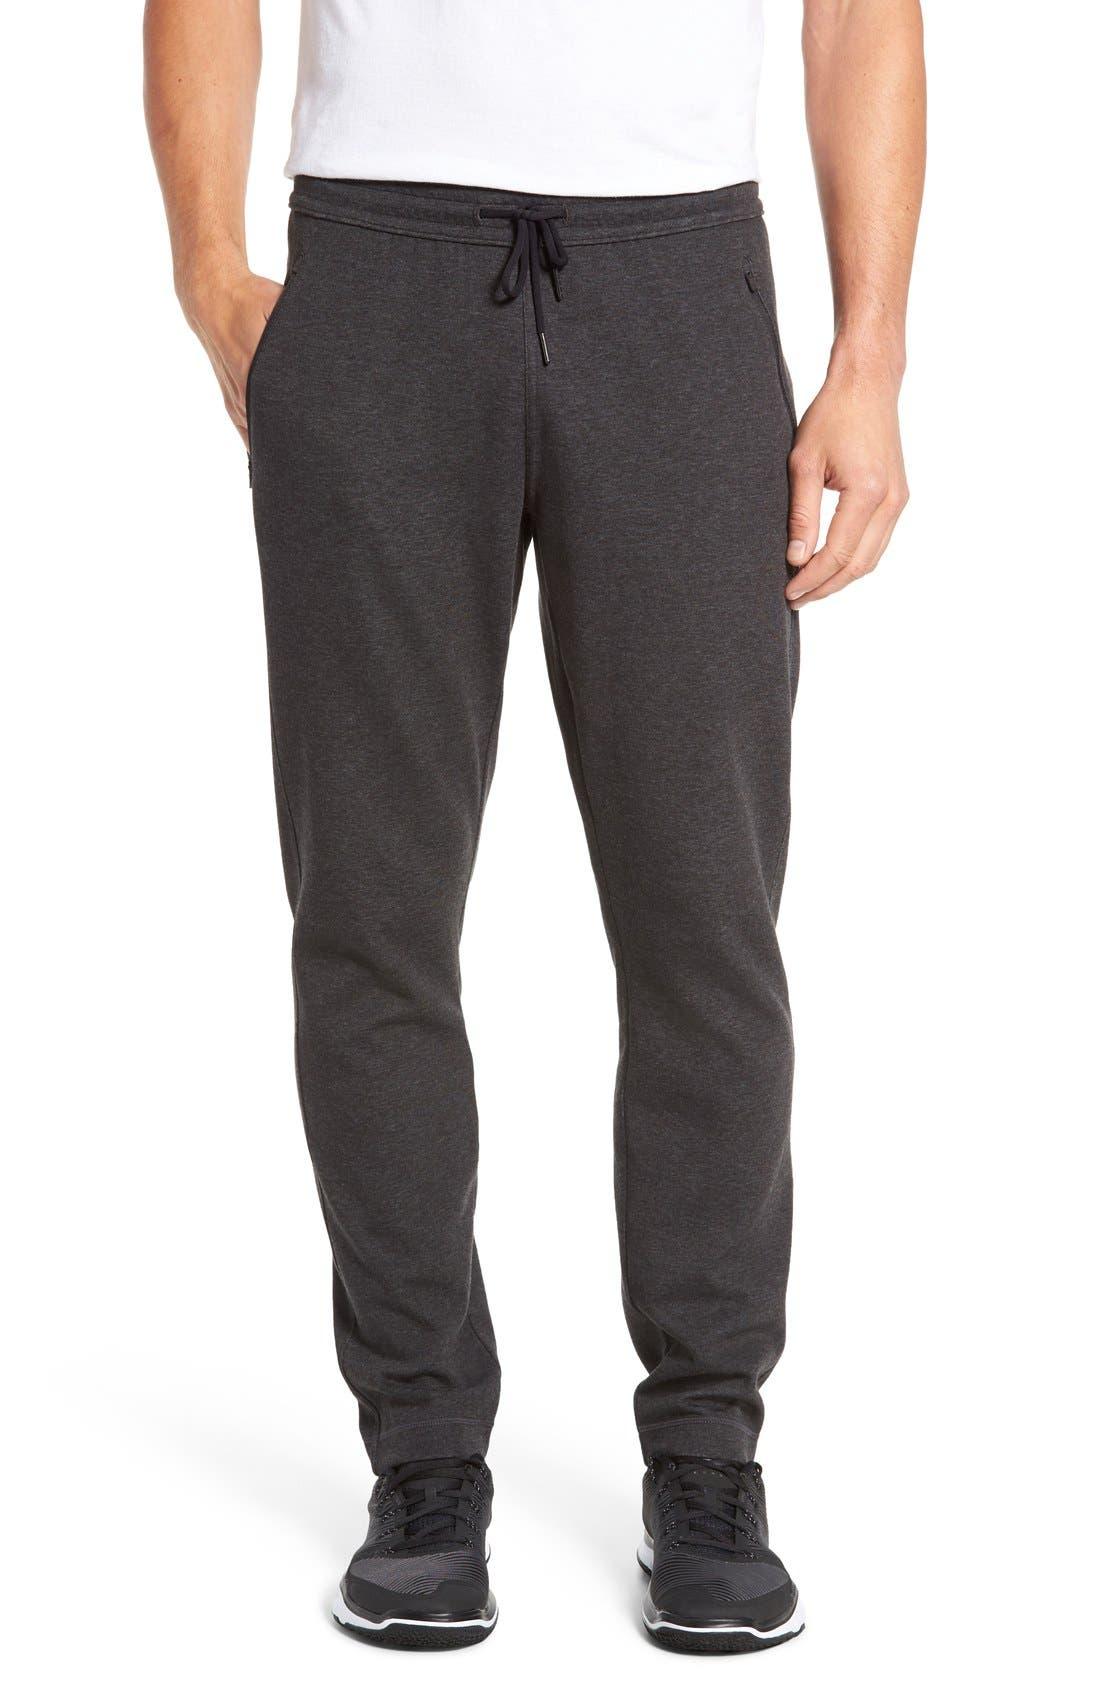 Zella Jogger Pants